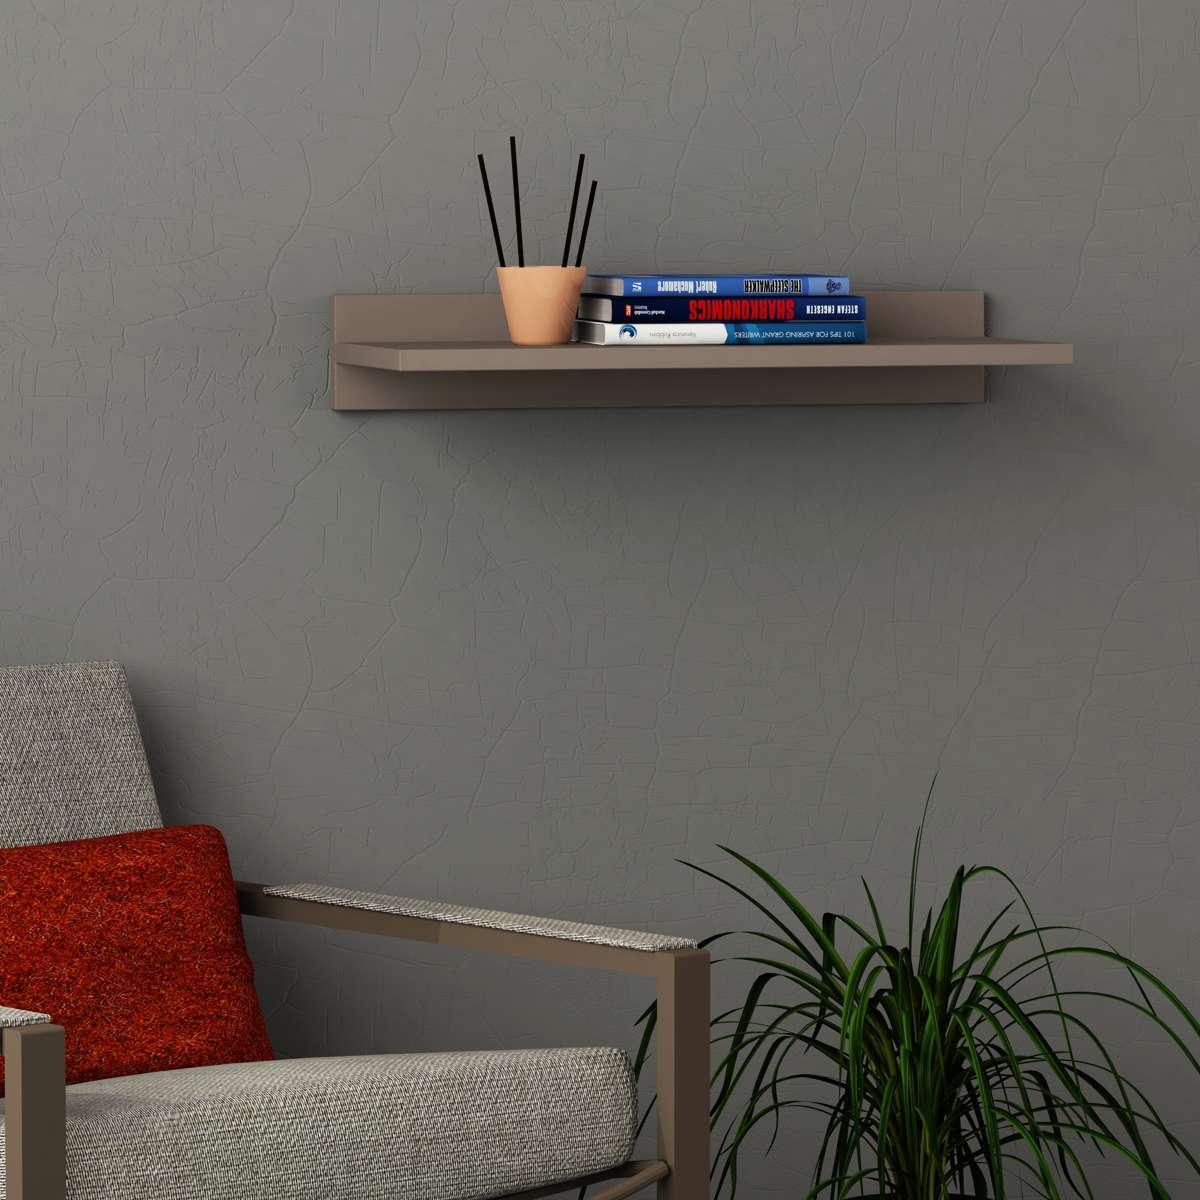 מדף Simple Shelf מוקה מסדרת Decoline